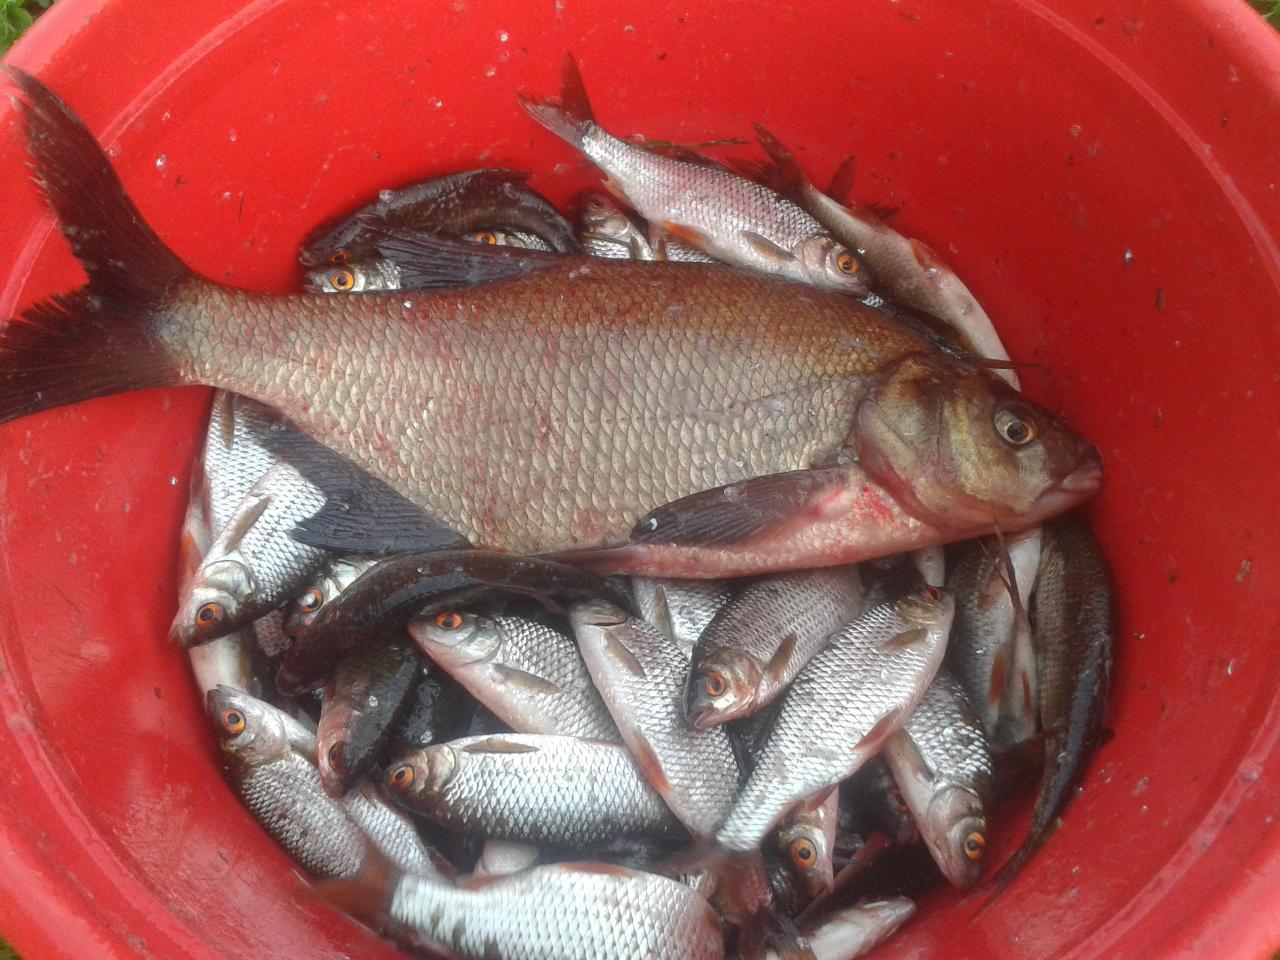 Побывали яна любимом водоёмчике. Рано приехать не получилось ...   Отчеты о рыбалке в Беларуси